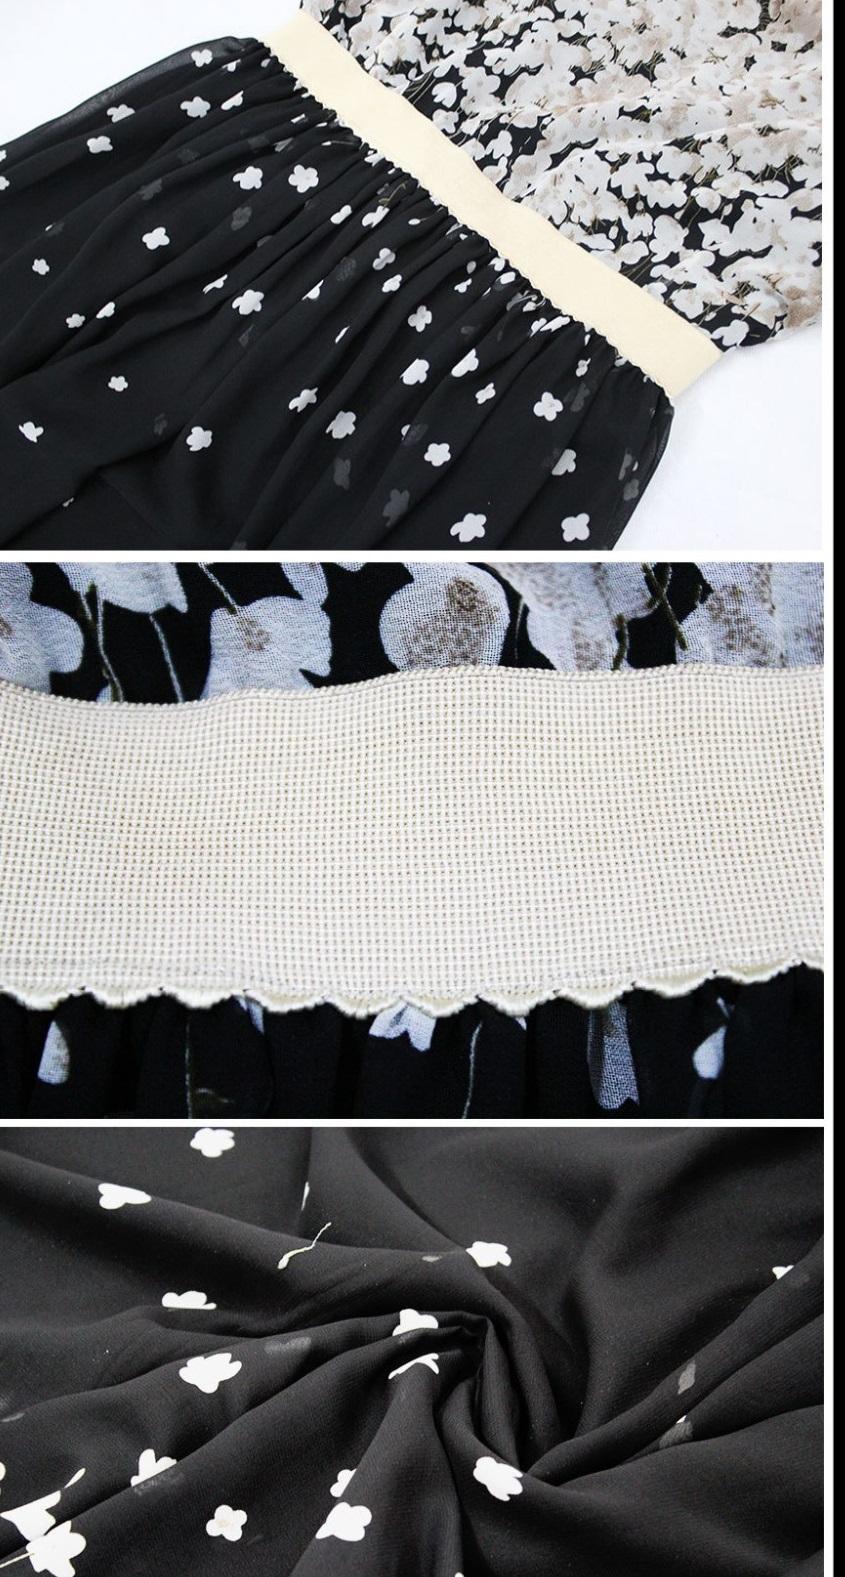 Dlhé spoločenské šaty aj pre moletky - 9 veľkostí - Obrázok č. 3